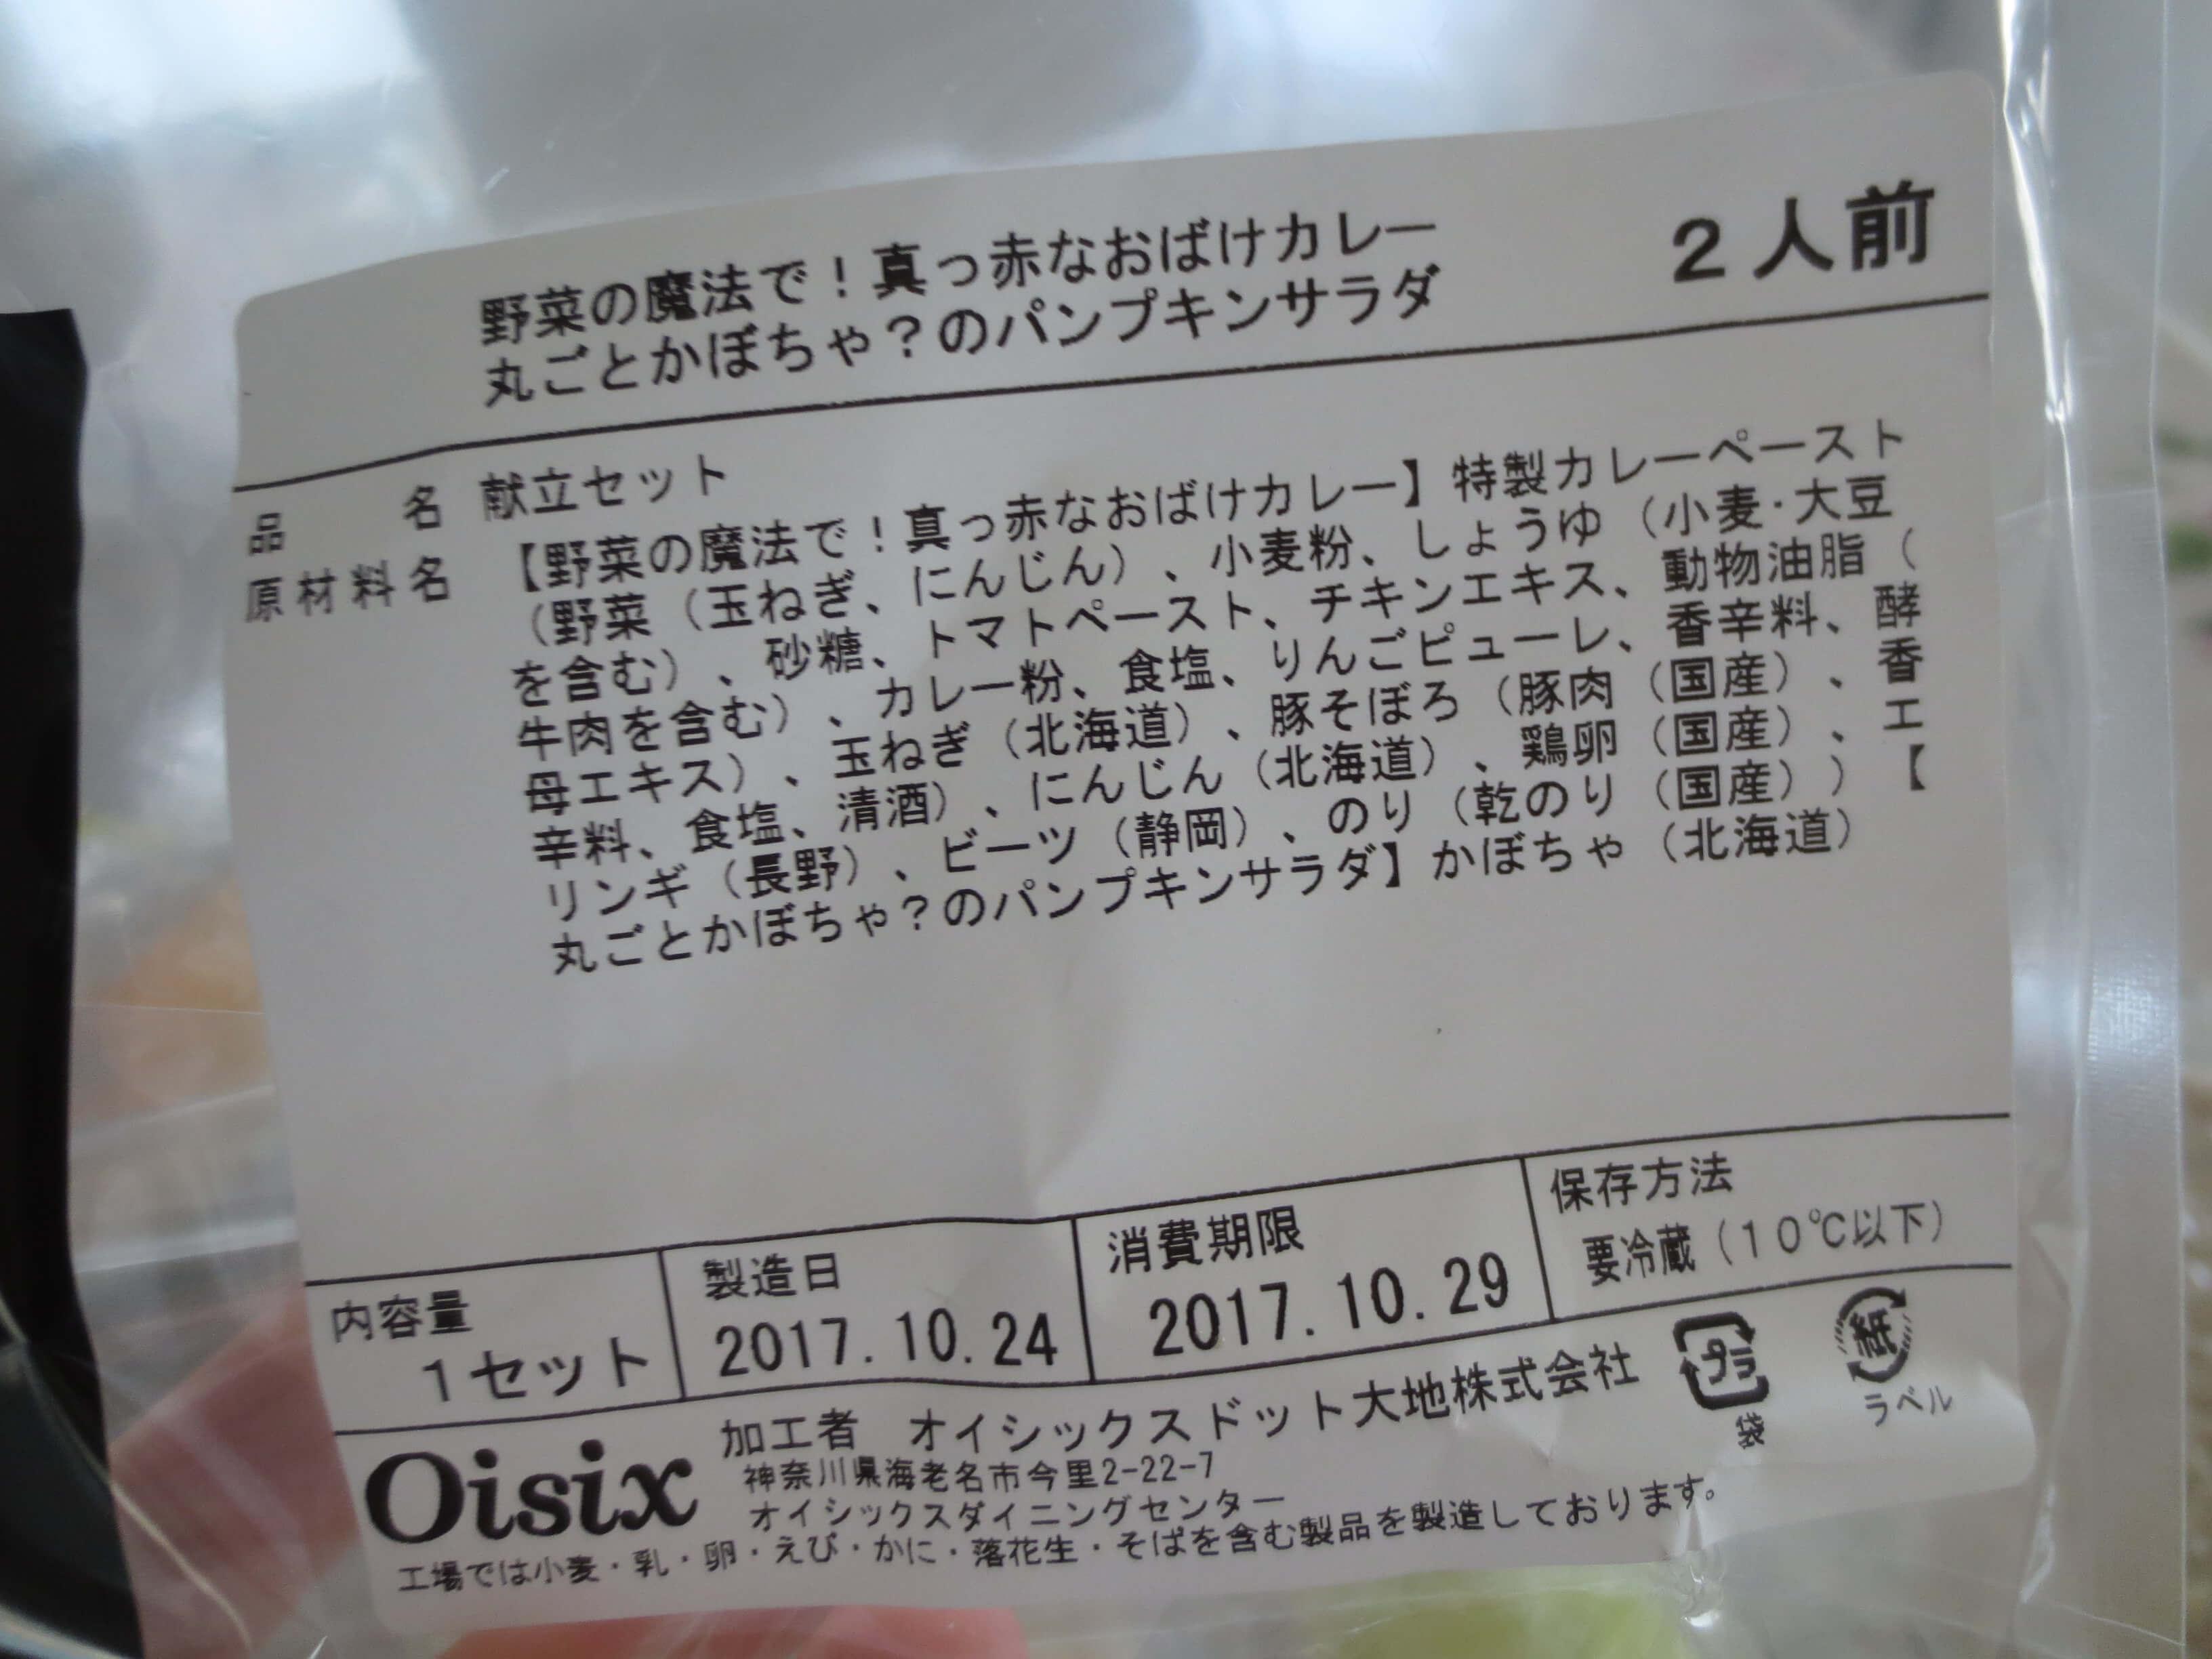 キットオイシックス・ハロウィン口コミ・評判7